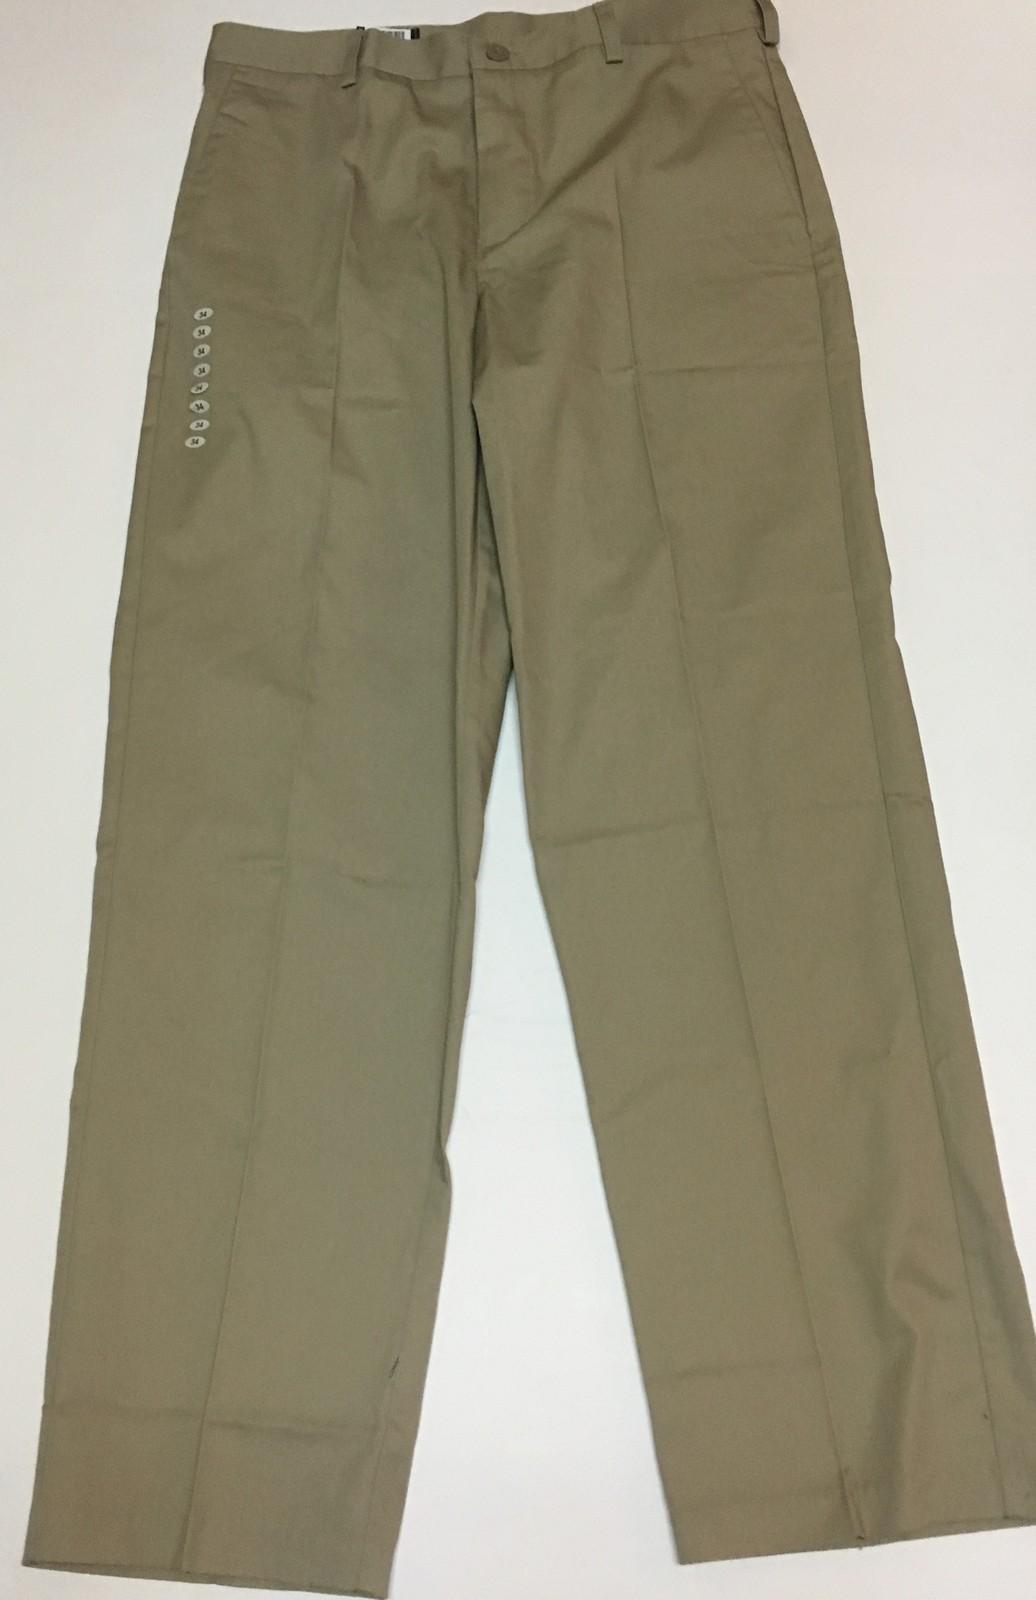 Universal School Uniform Khaki Pants Sz 34 x 30 NWT